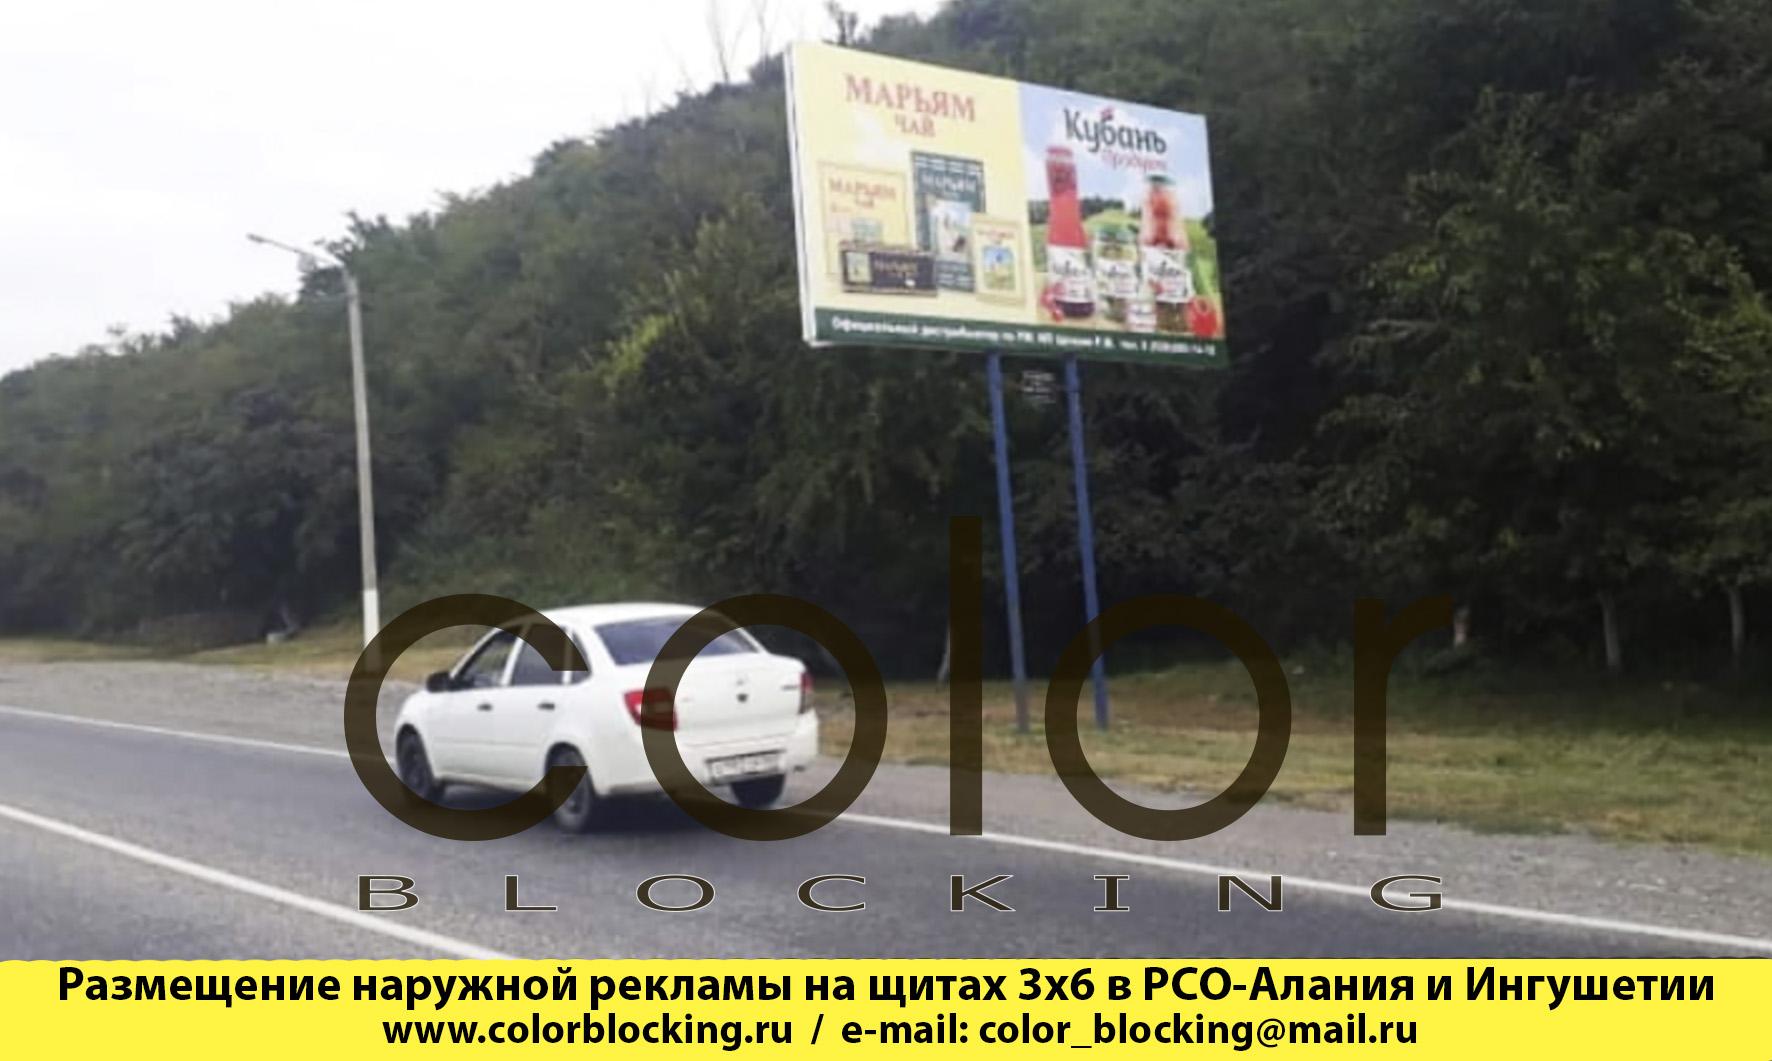 Реклама на щитах 3х6 в Владикавказе Назрань